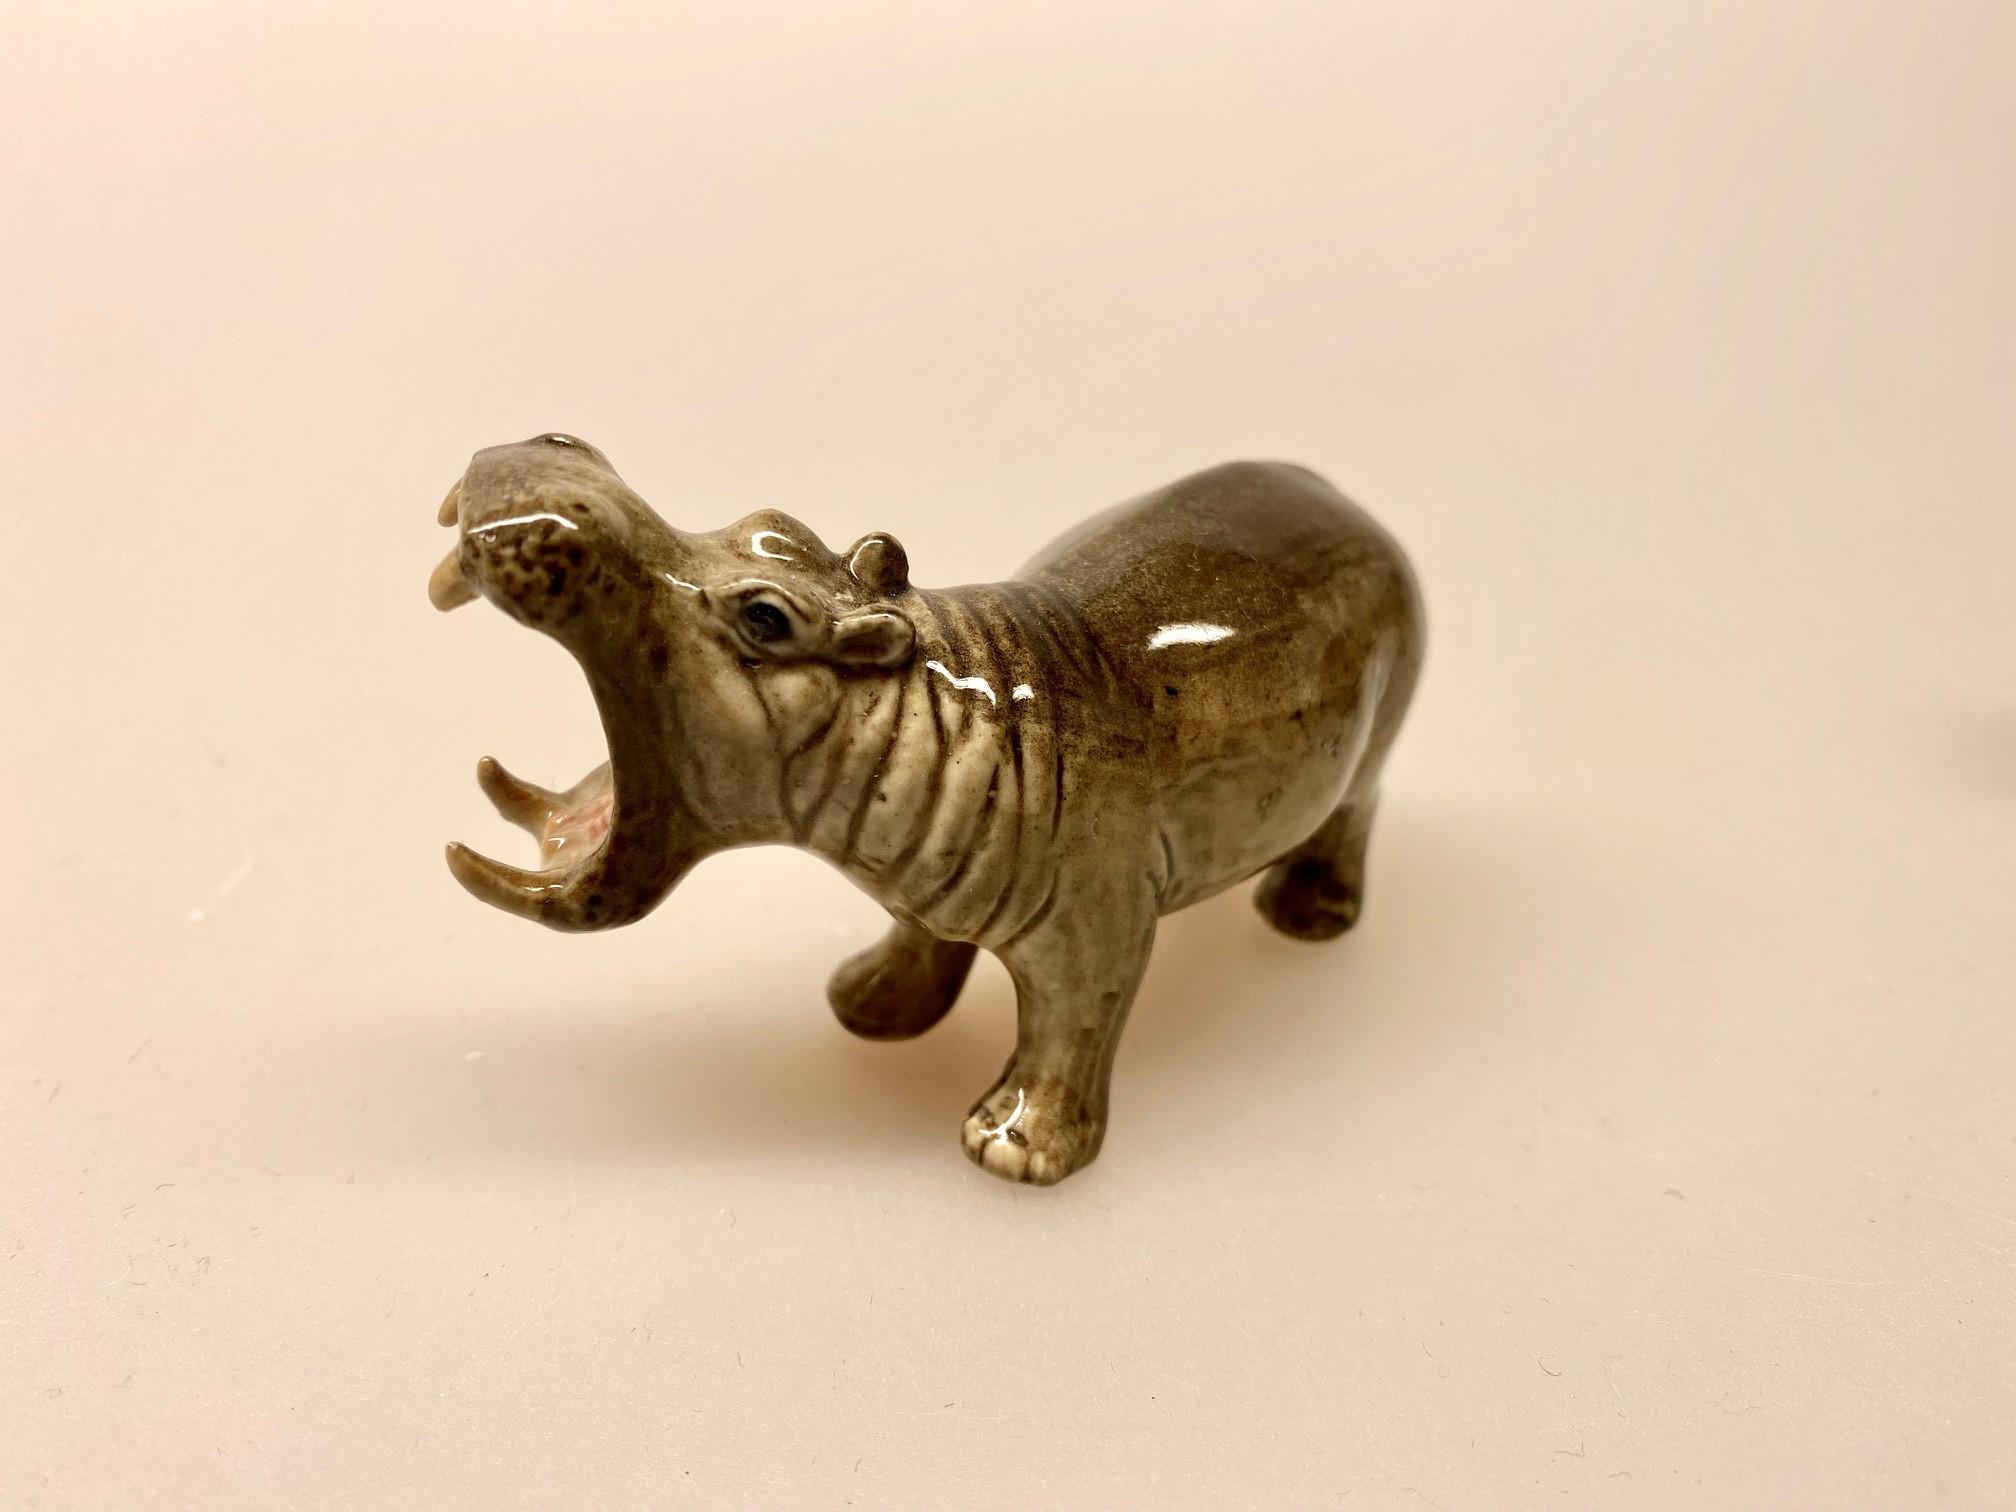 Flodhest Figur porcelæn , flodhest, hippo, flodheste, porcelæn, porcelænsdyr, vilde dyr, savannen, de 5 store, the 5 big, storvildt, det farligste dyr, flodhestefigur, porcelænsdyr, porcelænsflodhest, amagerhylde, nips, pynteting, zoo, zoologisk have, afrikas dyr, biti, ribe